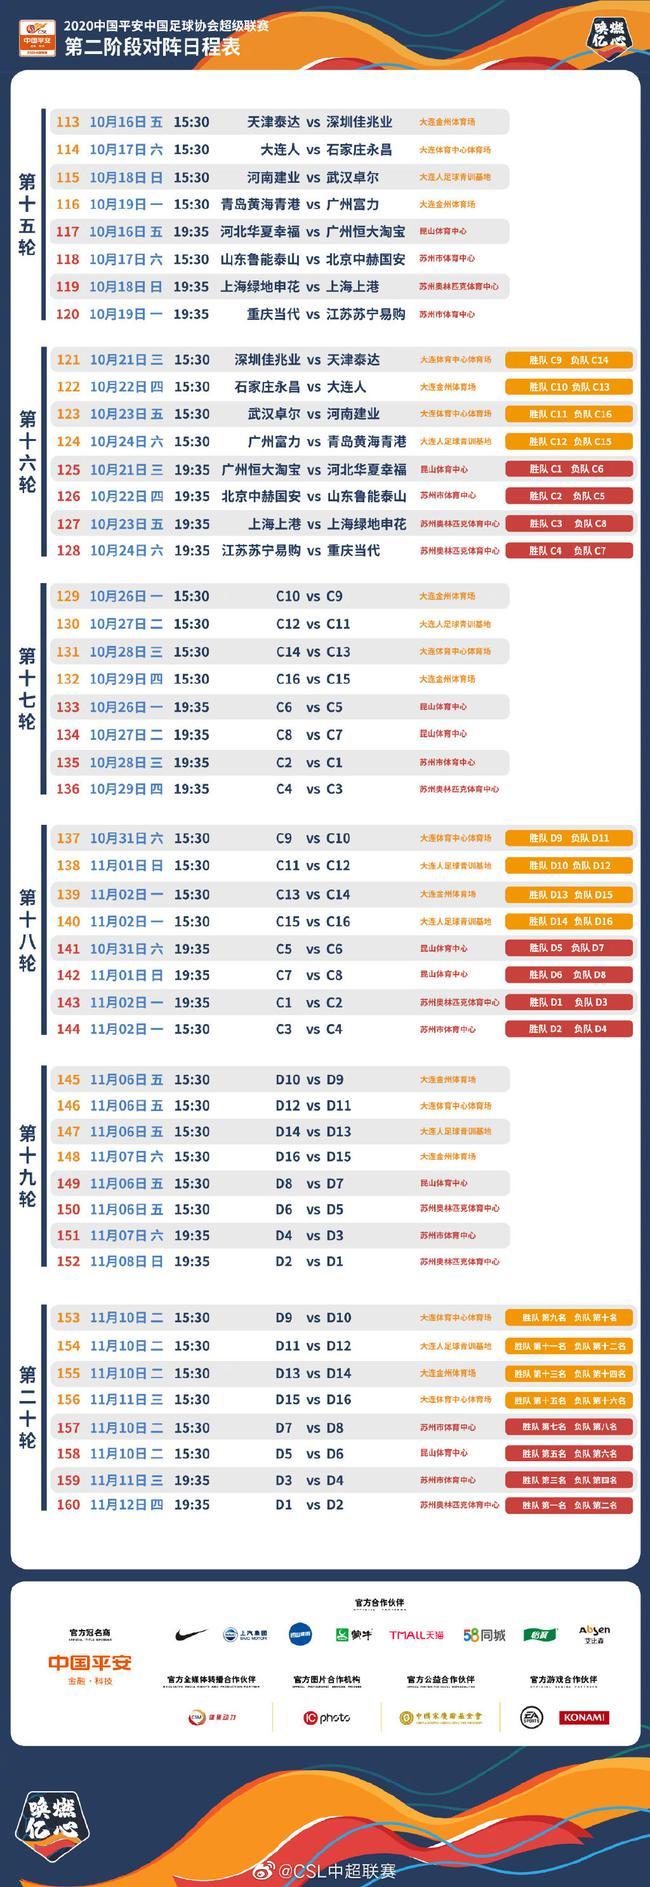 中超官方公布第二阶段日程:比赛分6轮进行,11月12日收官